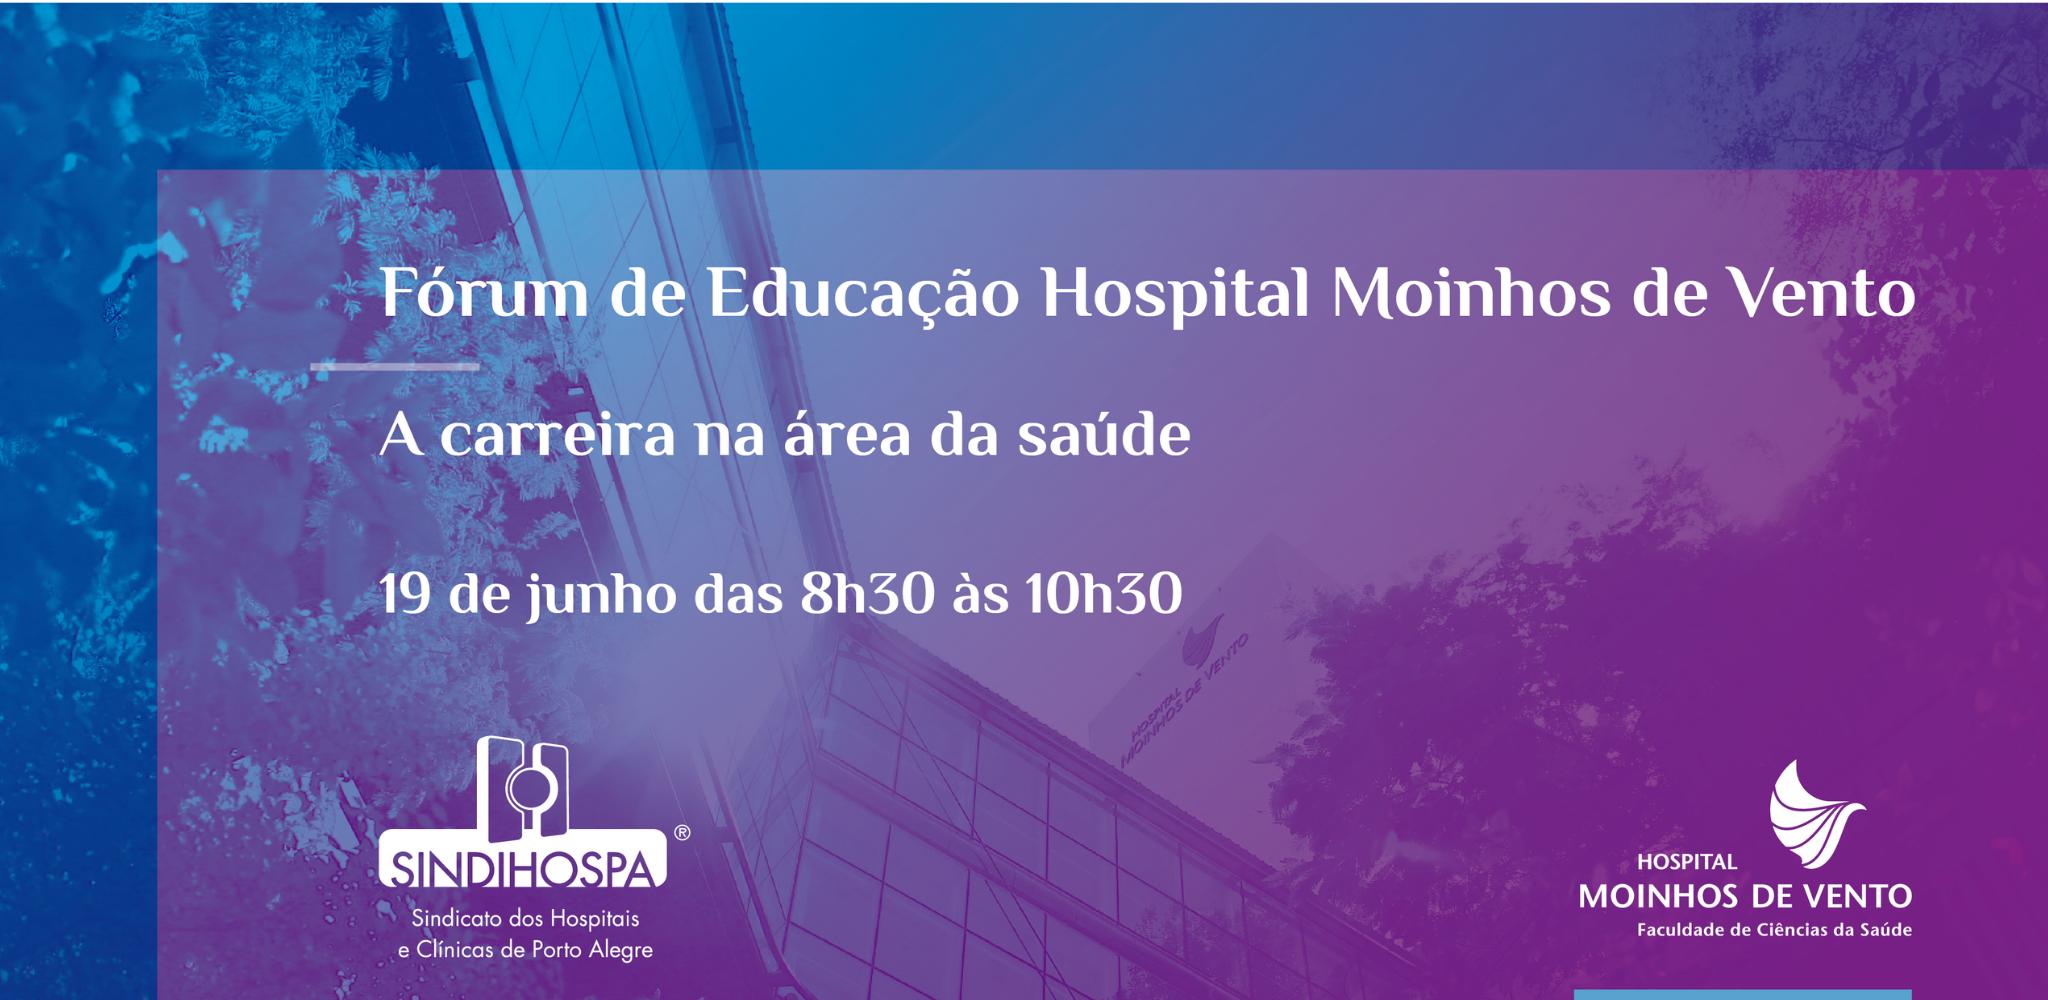 Fórum de Educação Hospital Moinhos de Vento